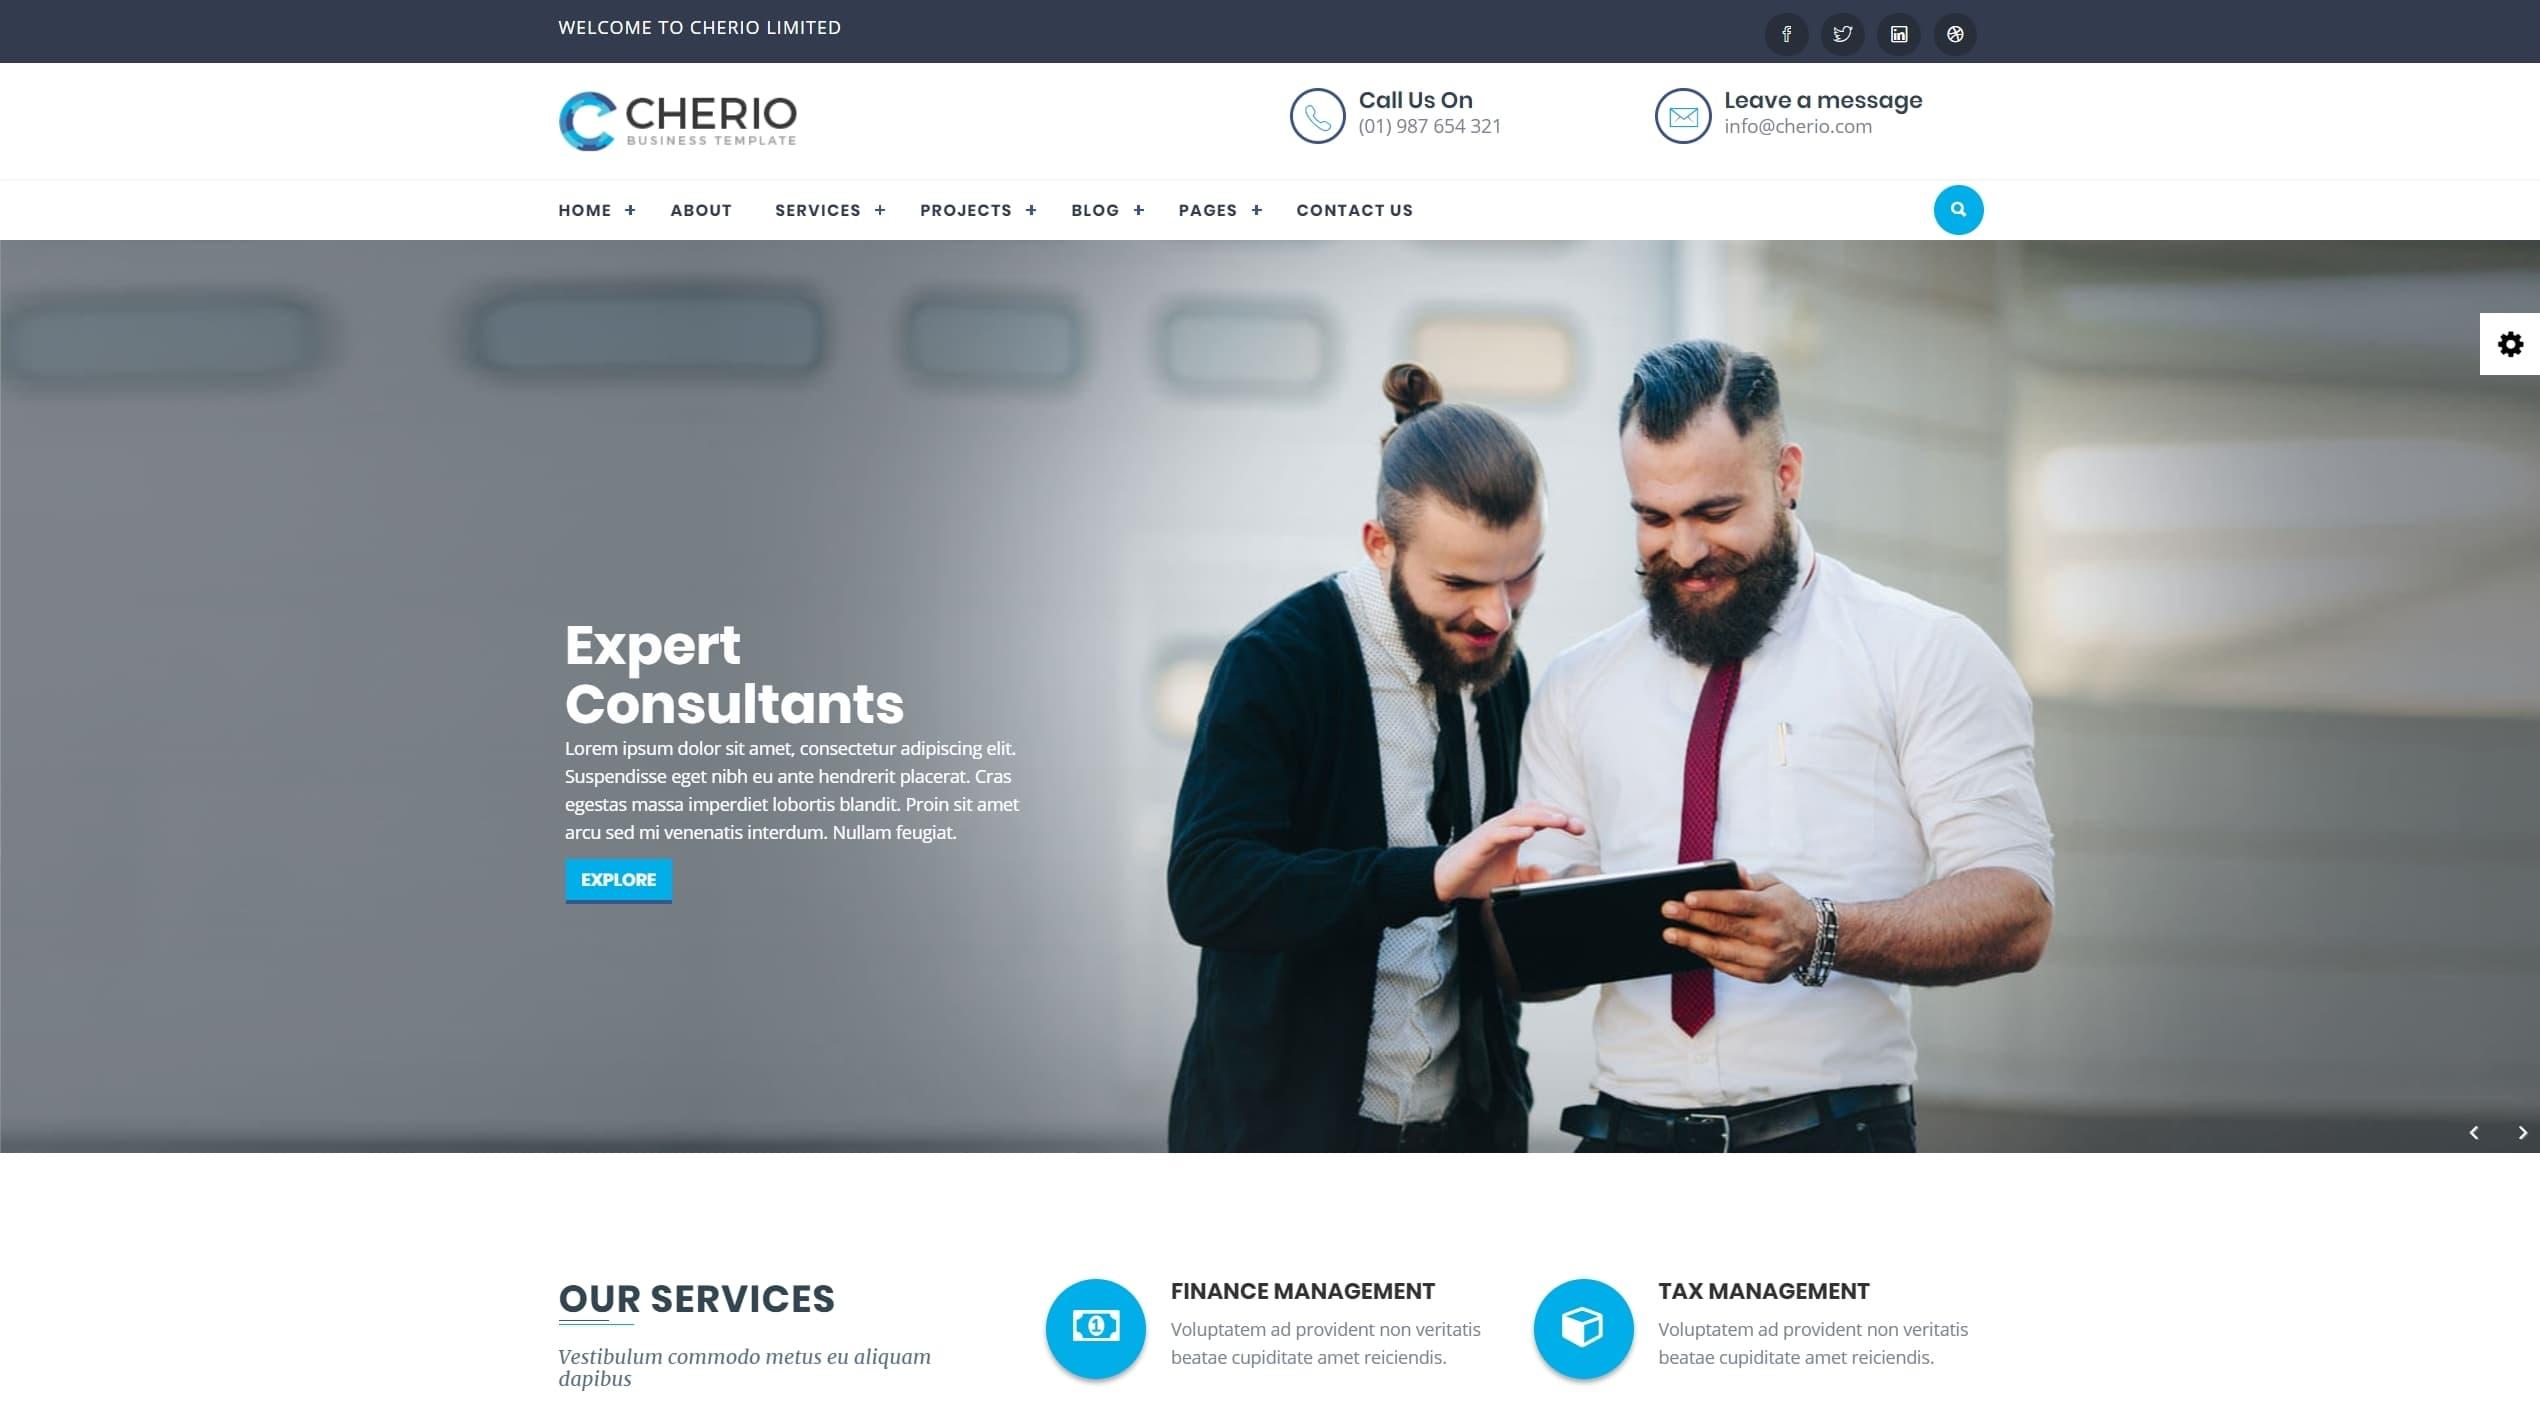 Шаблон сайта компании HTML с премиальным дизайном